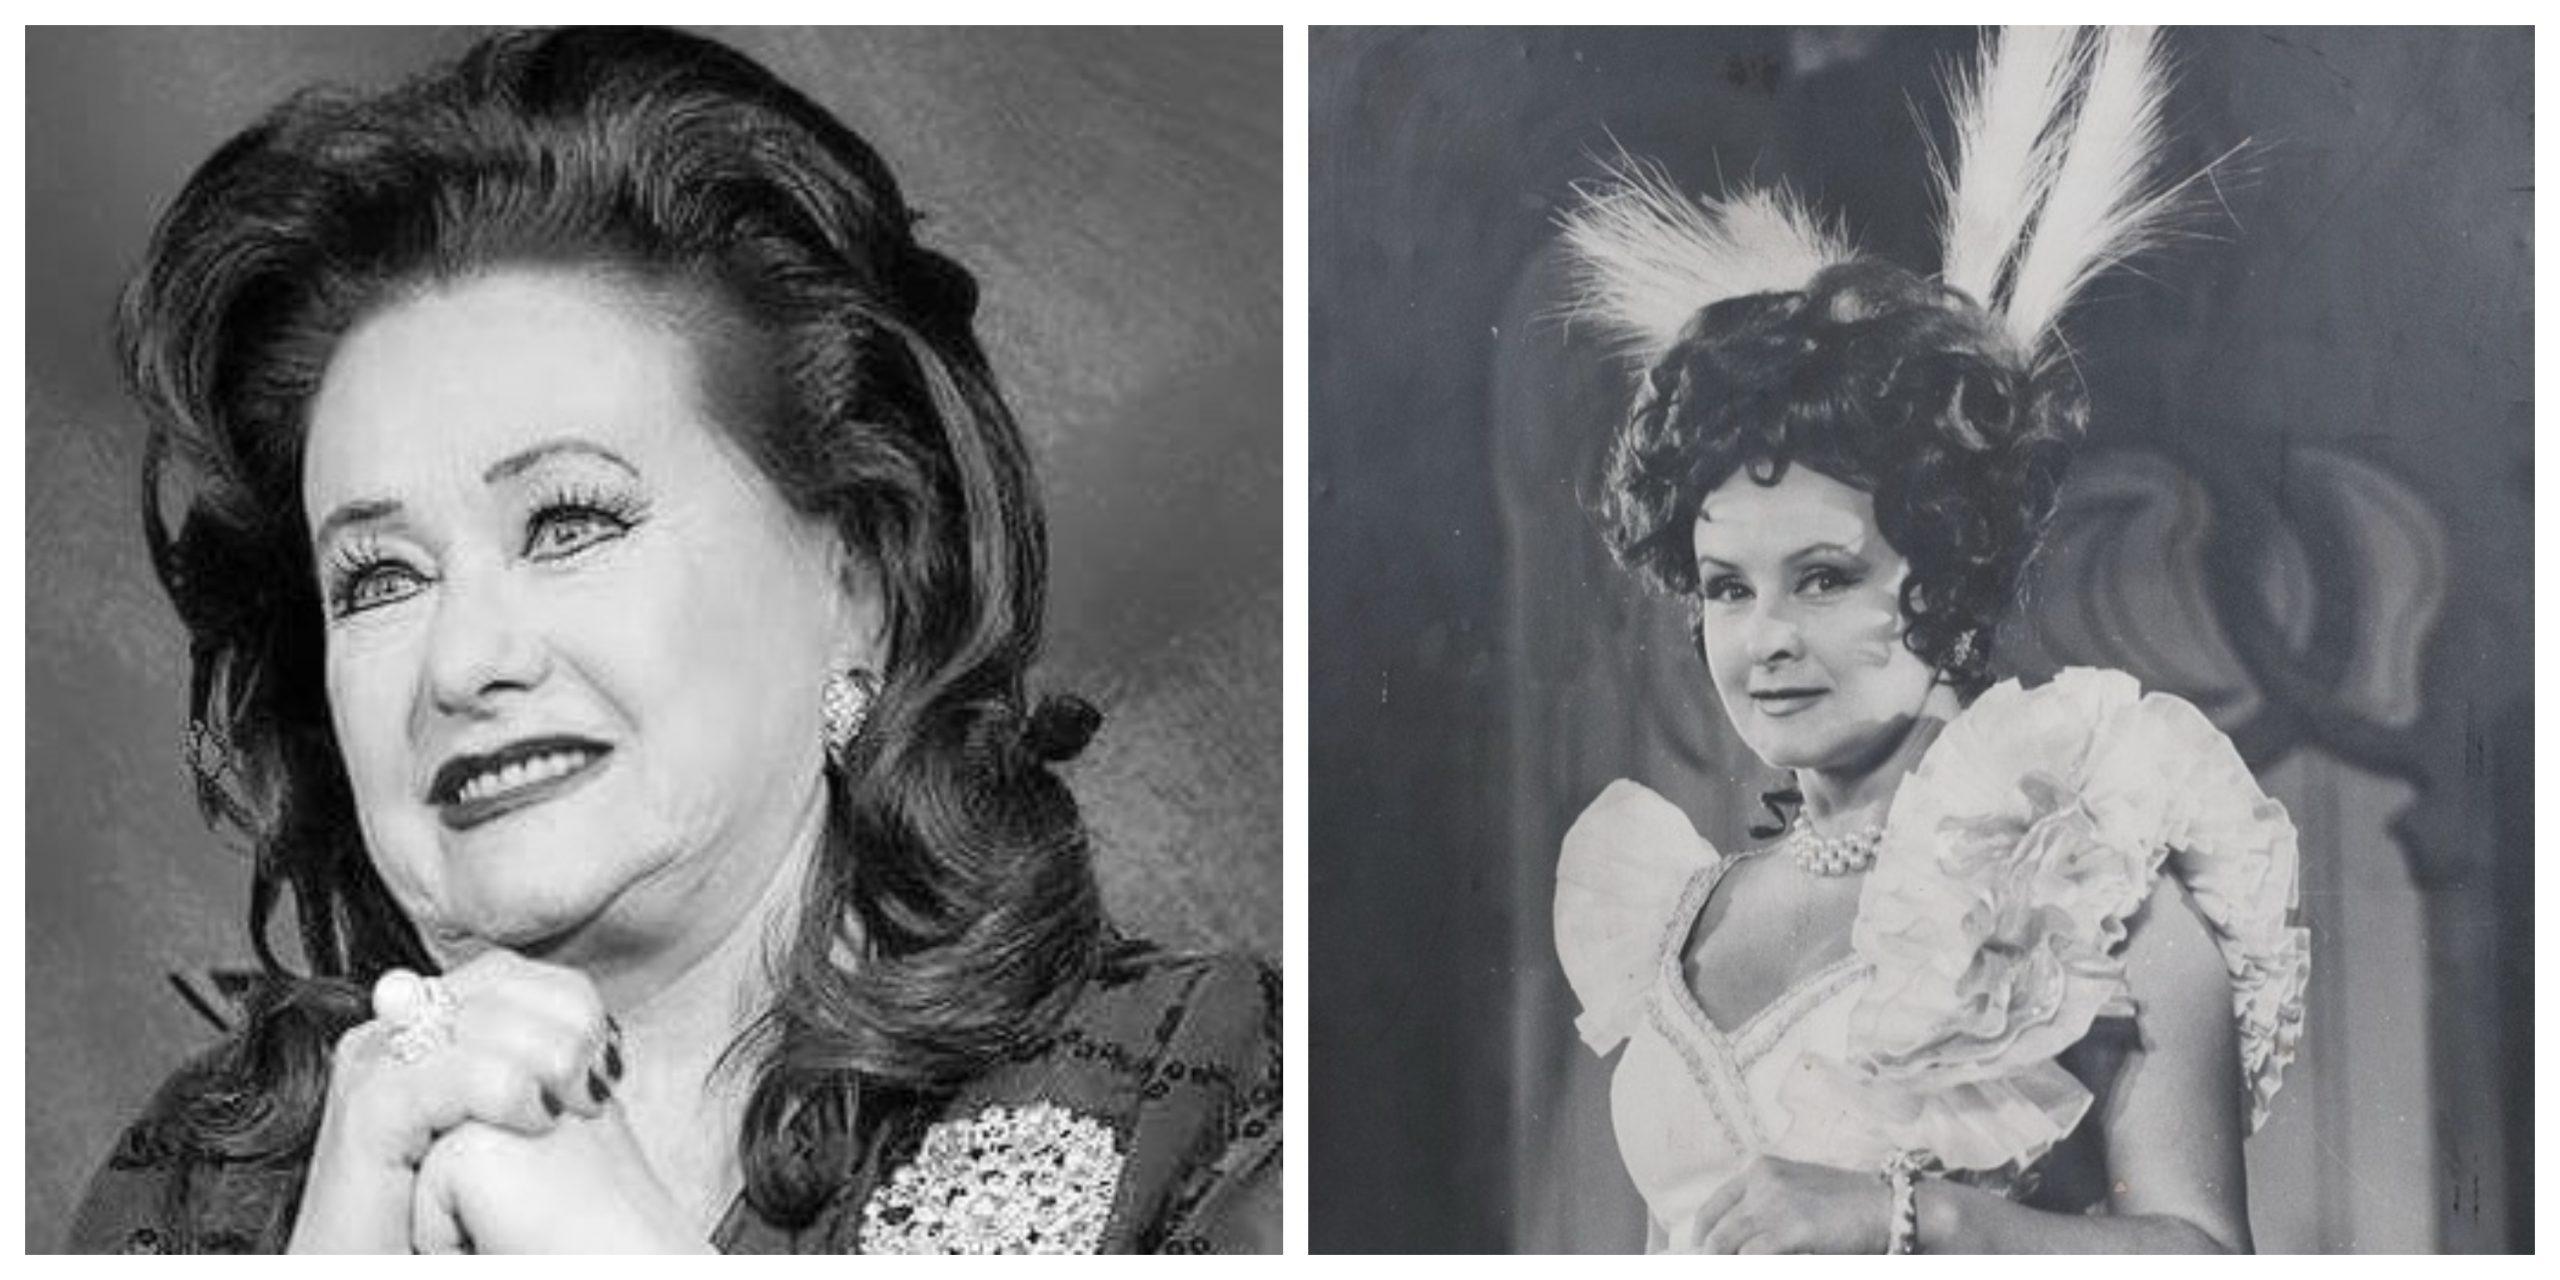 Au trecut 3 ani de la moartea Stelei Popescu. Ultima imagine cu ea în viață. FOTO